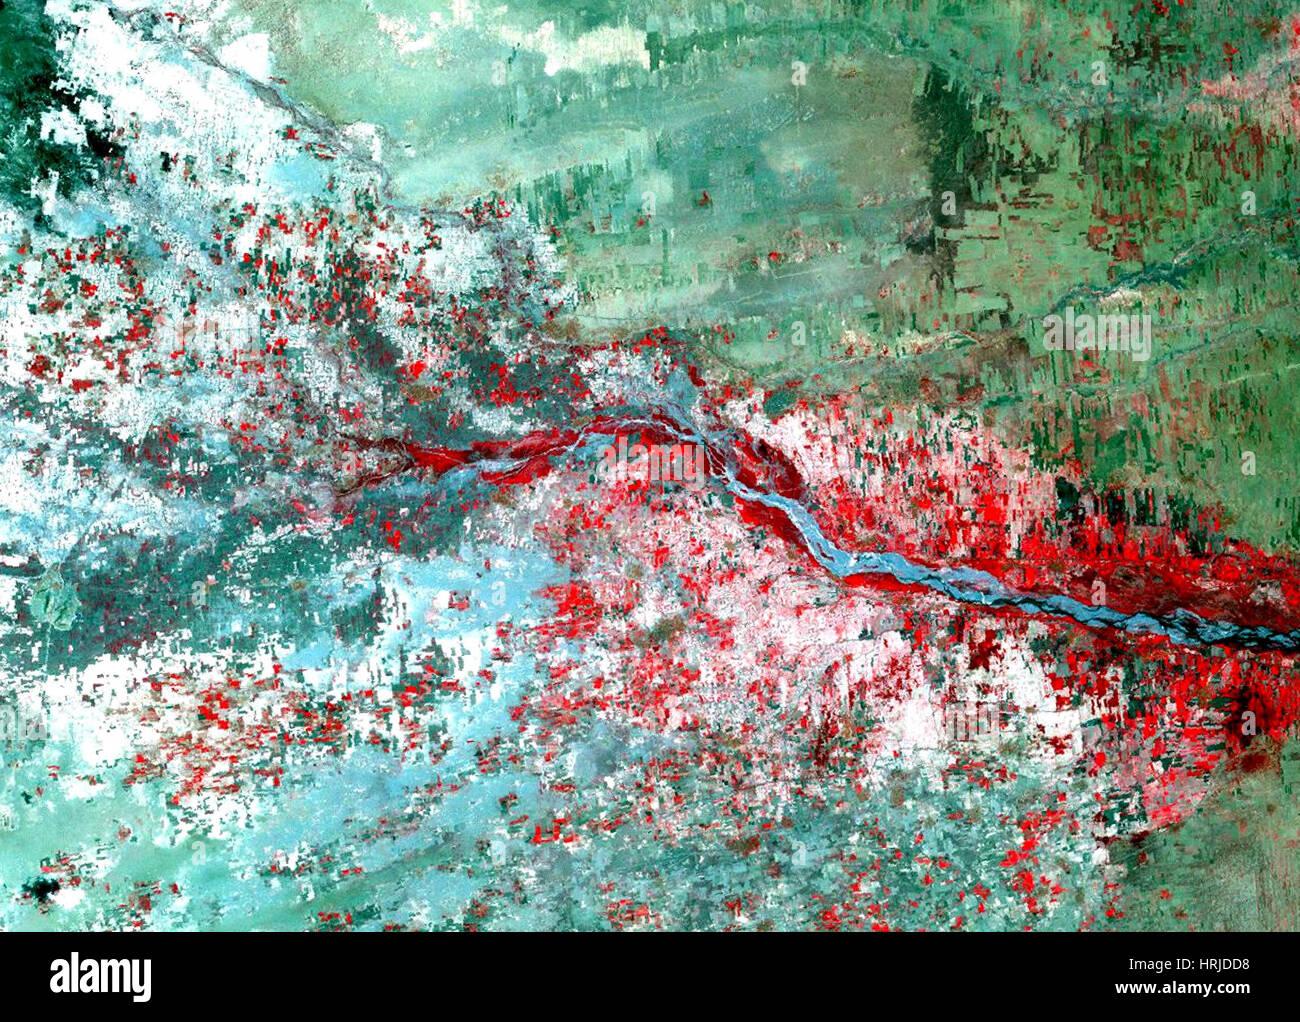 Rift Valley Flooding, Landsat, 2000 - Stock Image